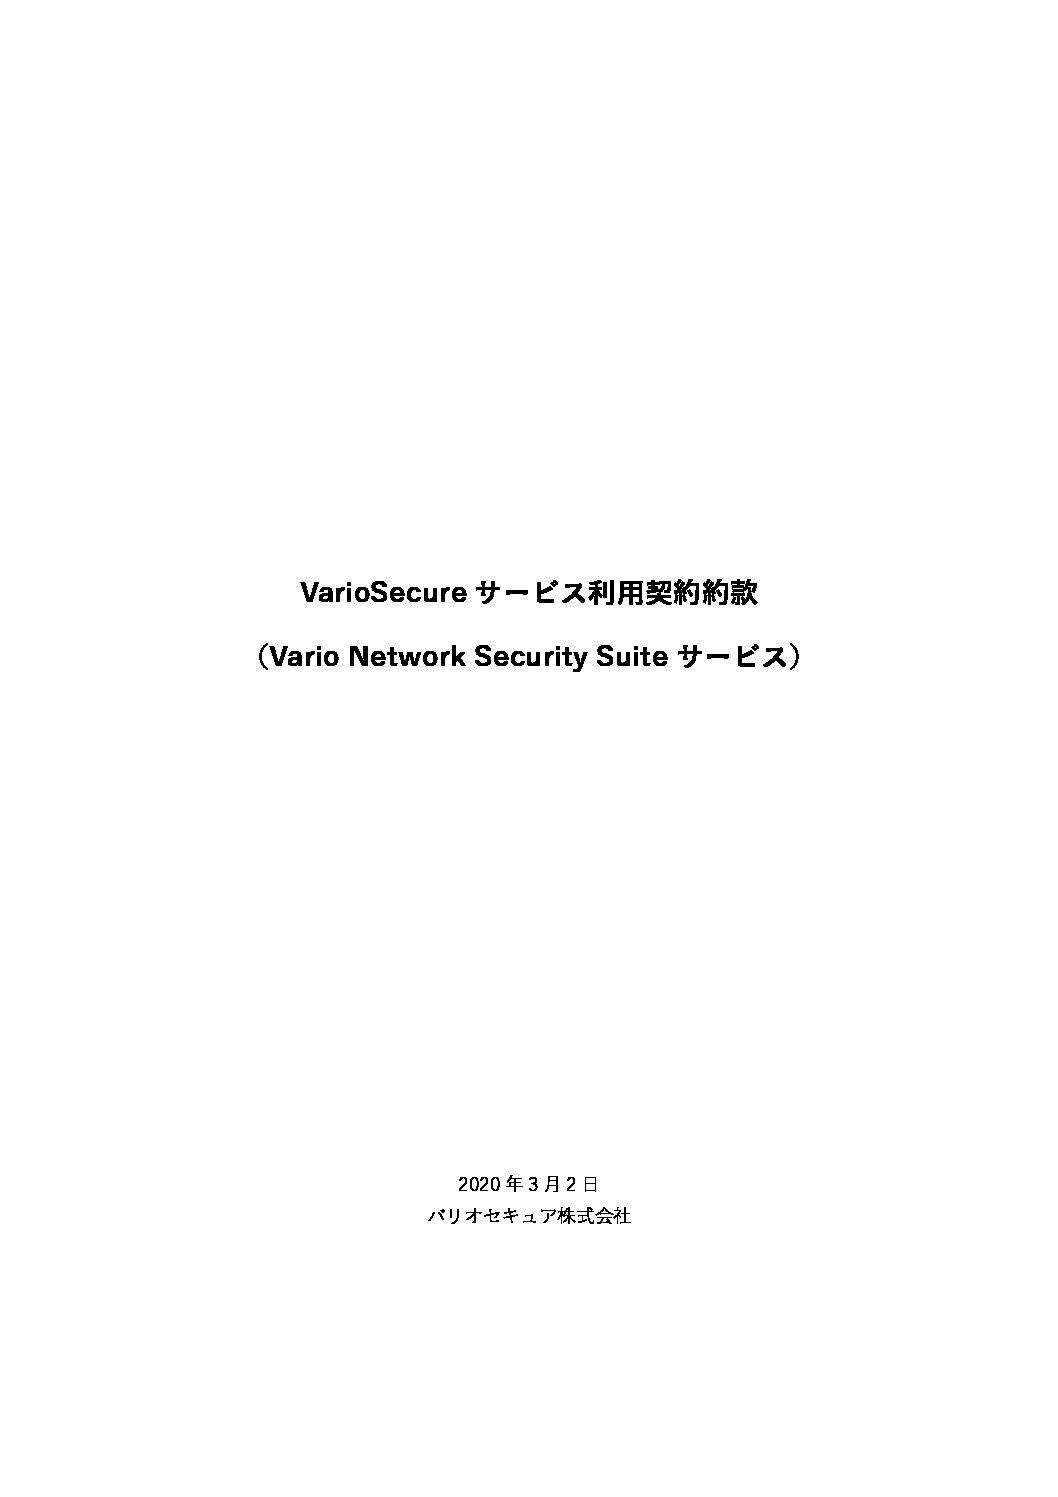 バリオセキュア株式会社